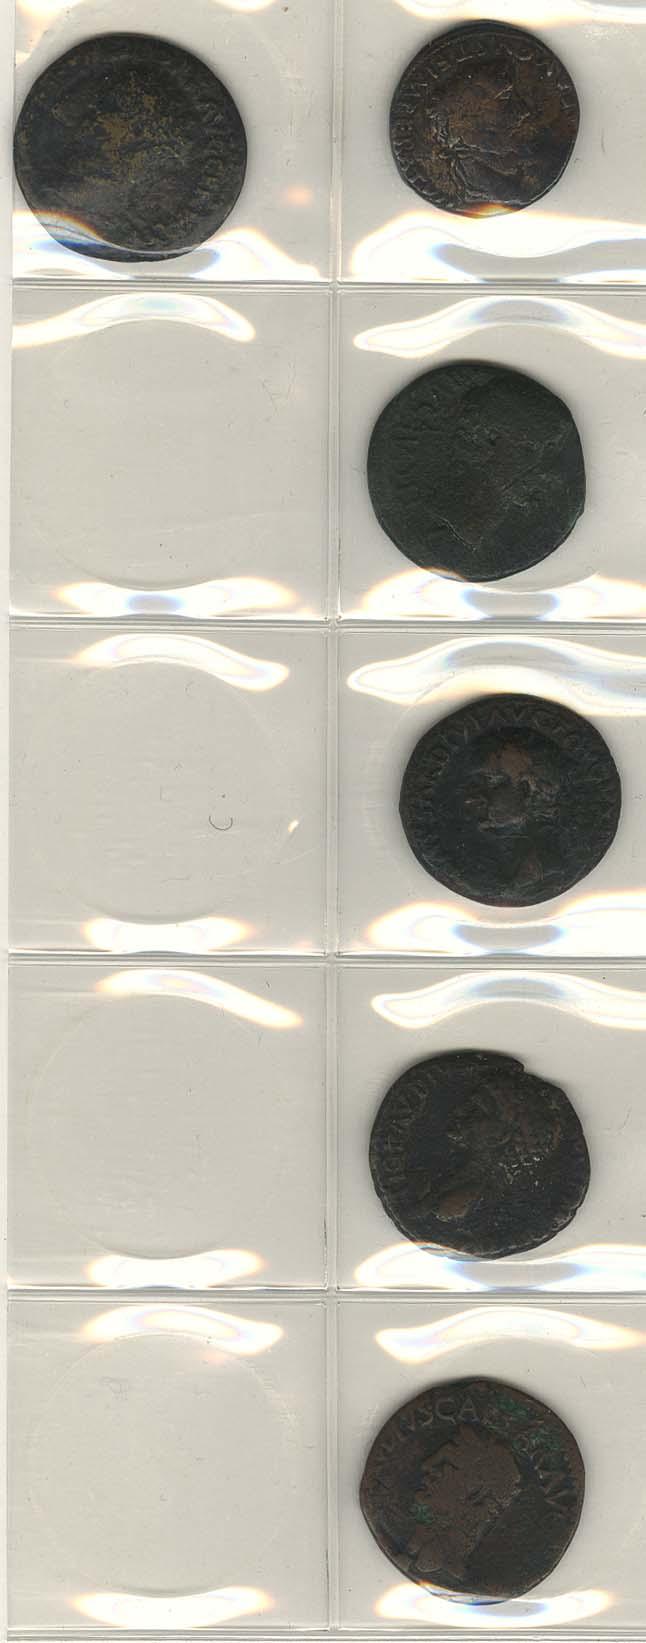 Lot 423 - Antike Lots und Sammlungen -  Auktionshaus Ulrich Felzmann GmbH & Co. KG Coins single lots